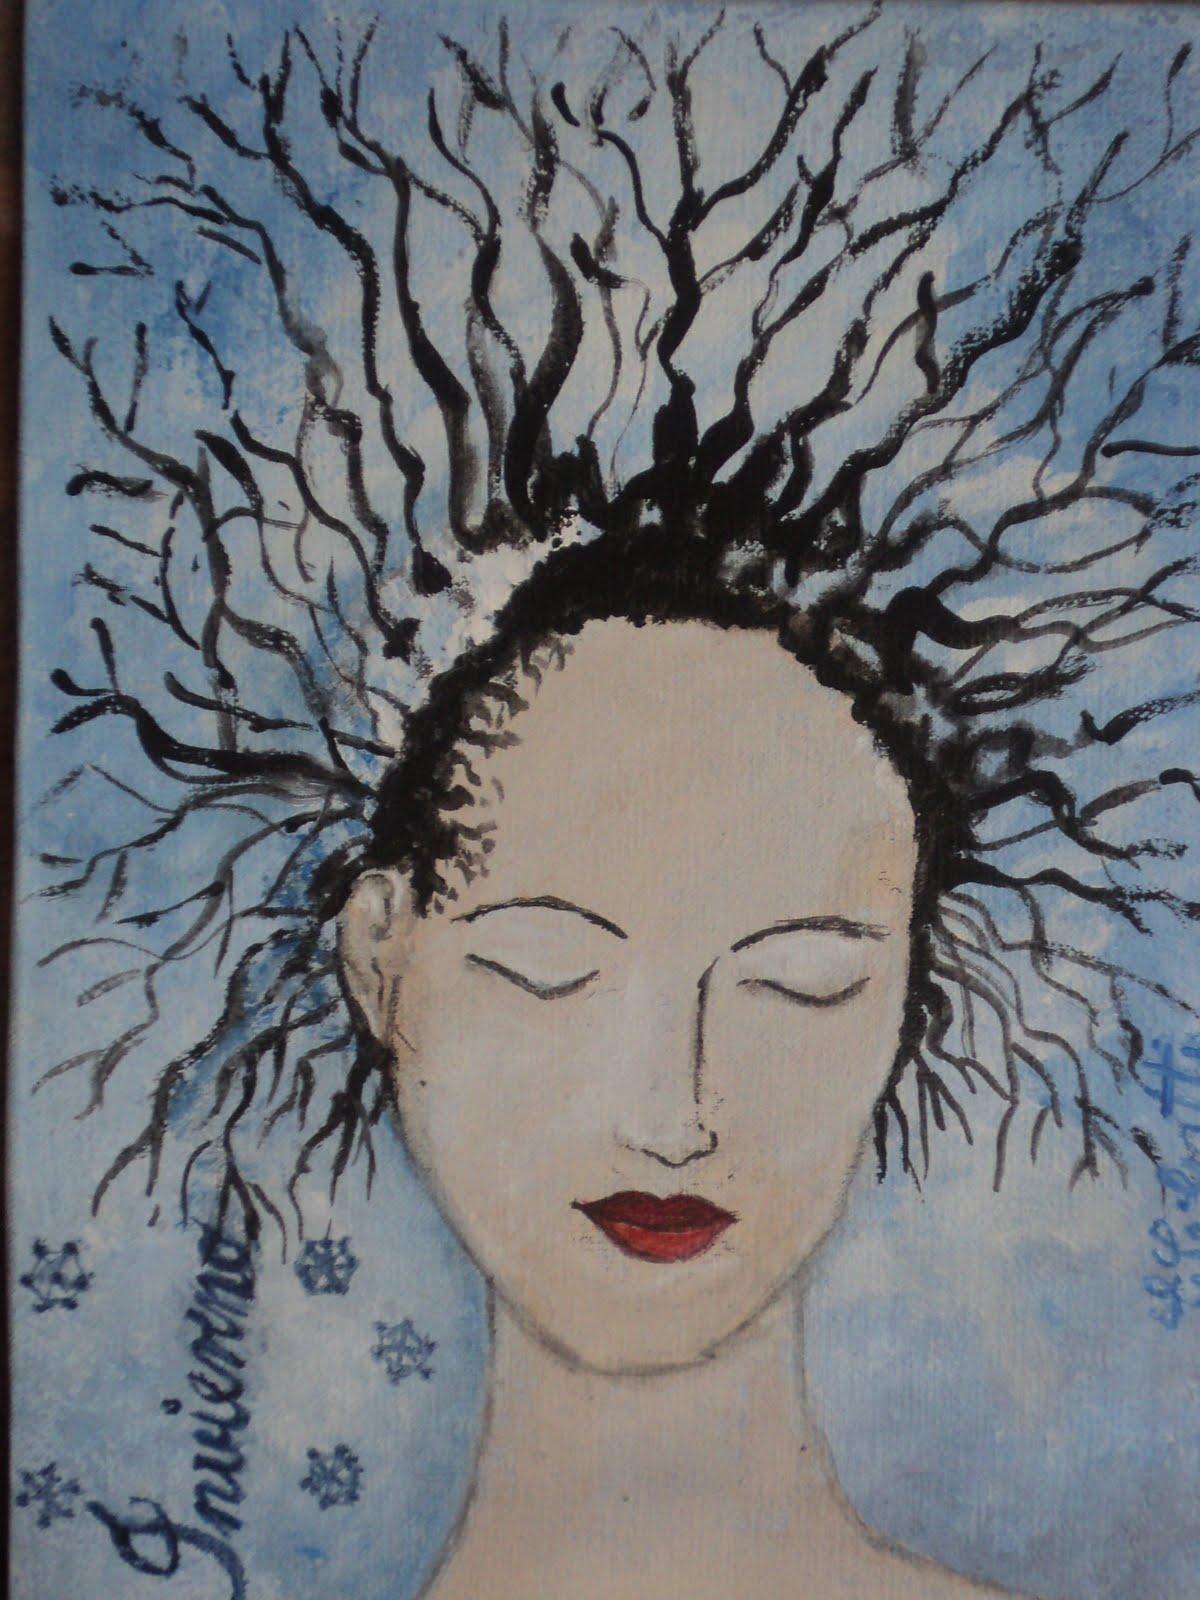 Arte y esencia serie las cuatro estaciones for Jardin de invierno pablo neruda